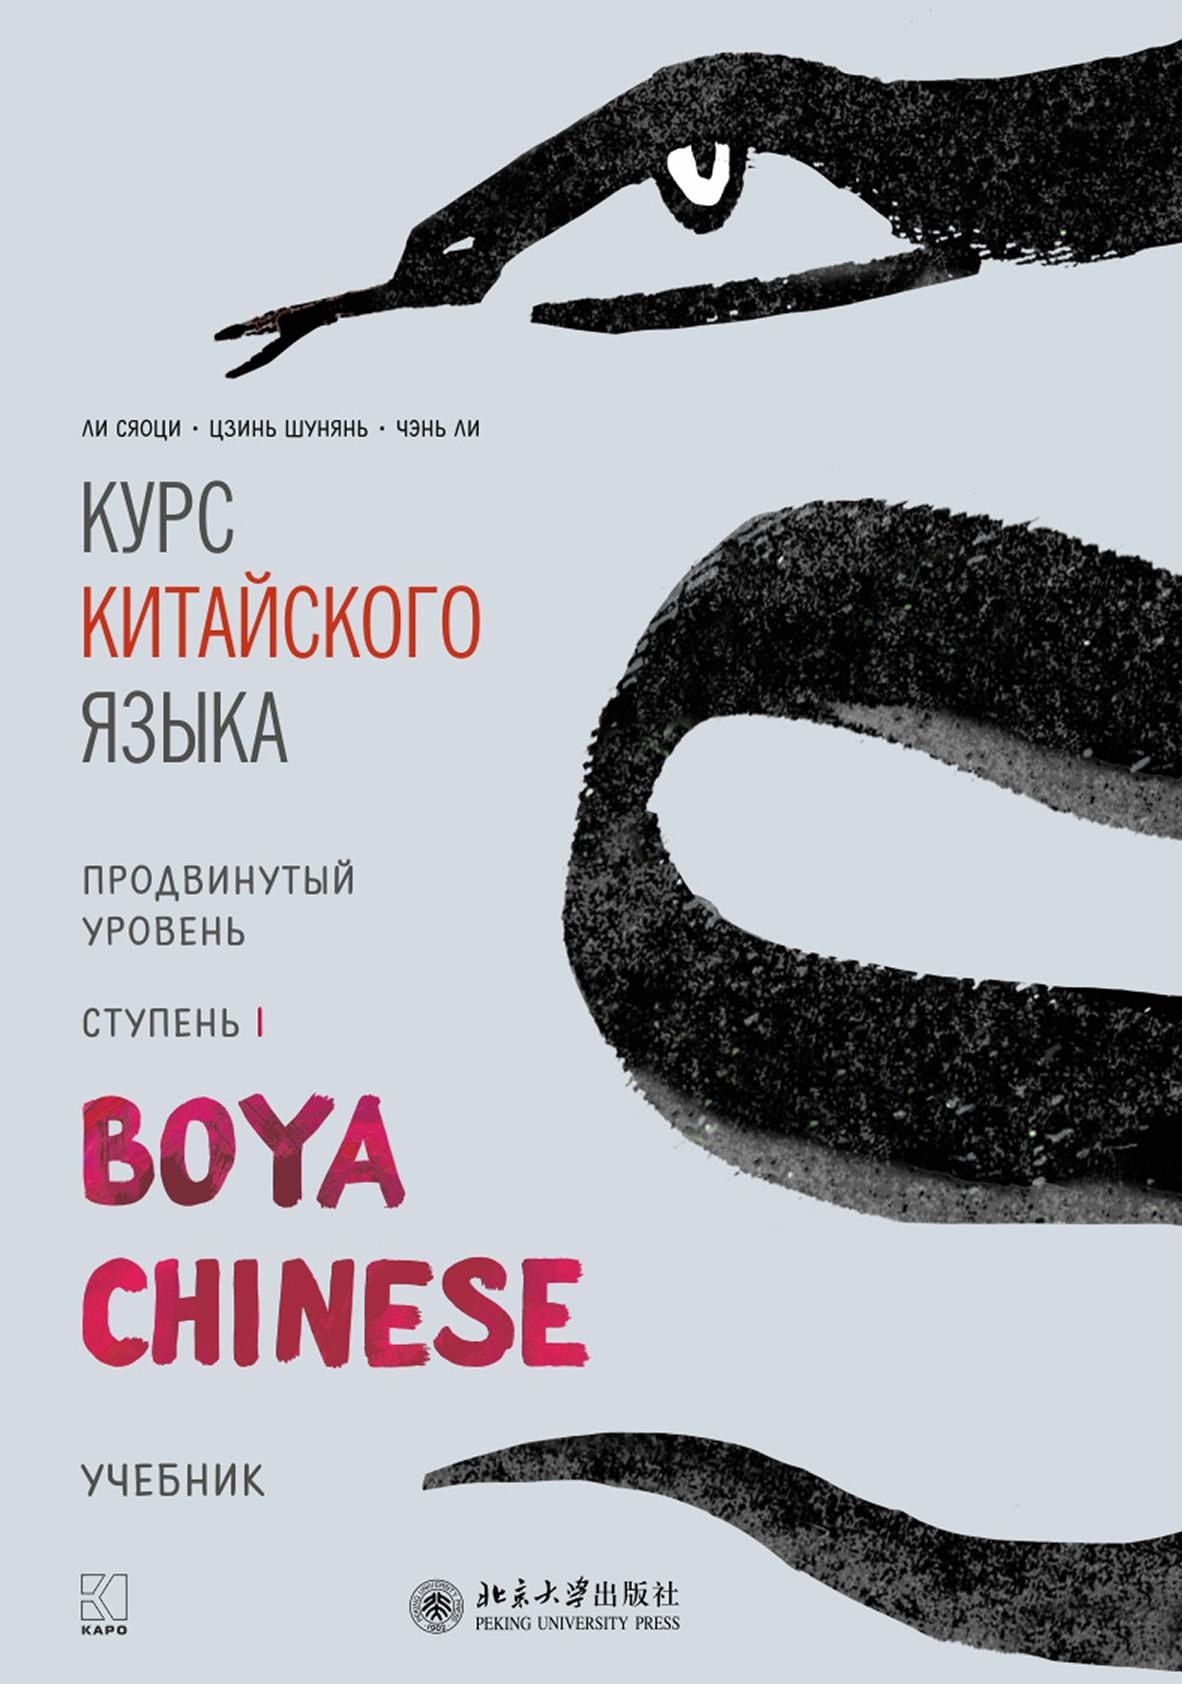 Курс китайского языка «Boya Chinese». Продвинутый уровень. Ступень I